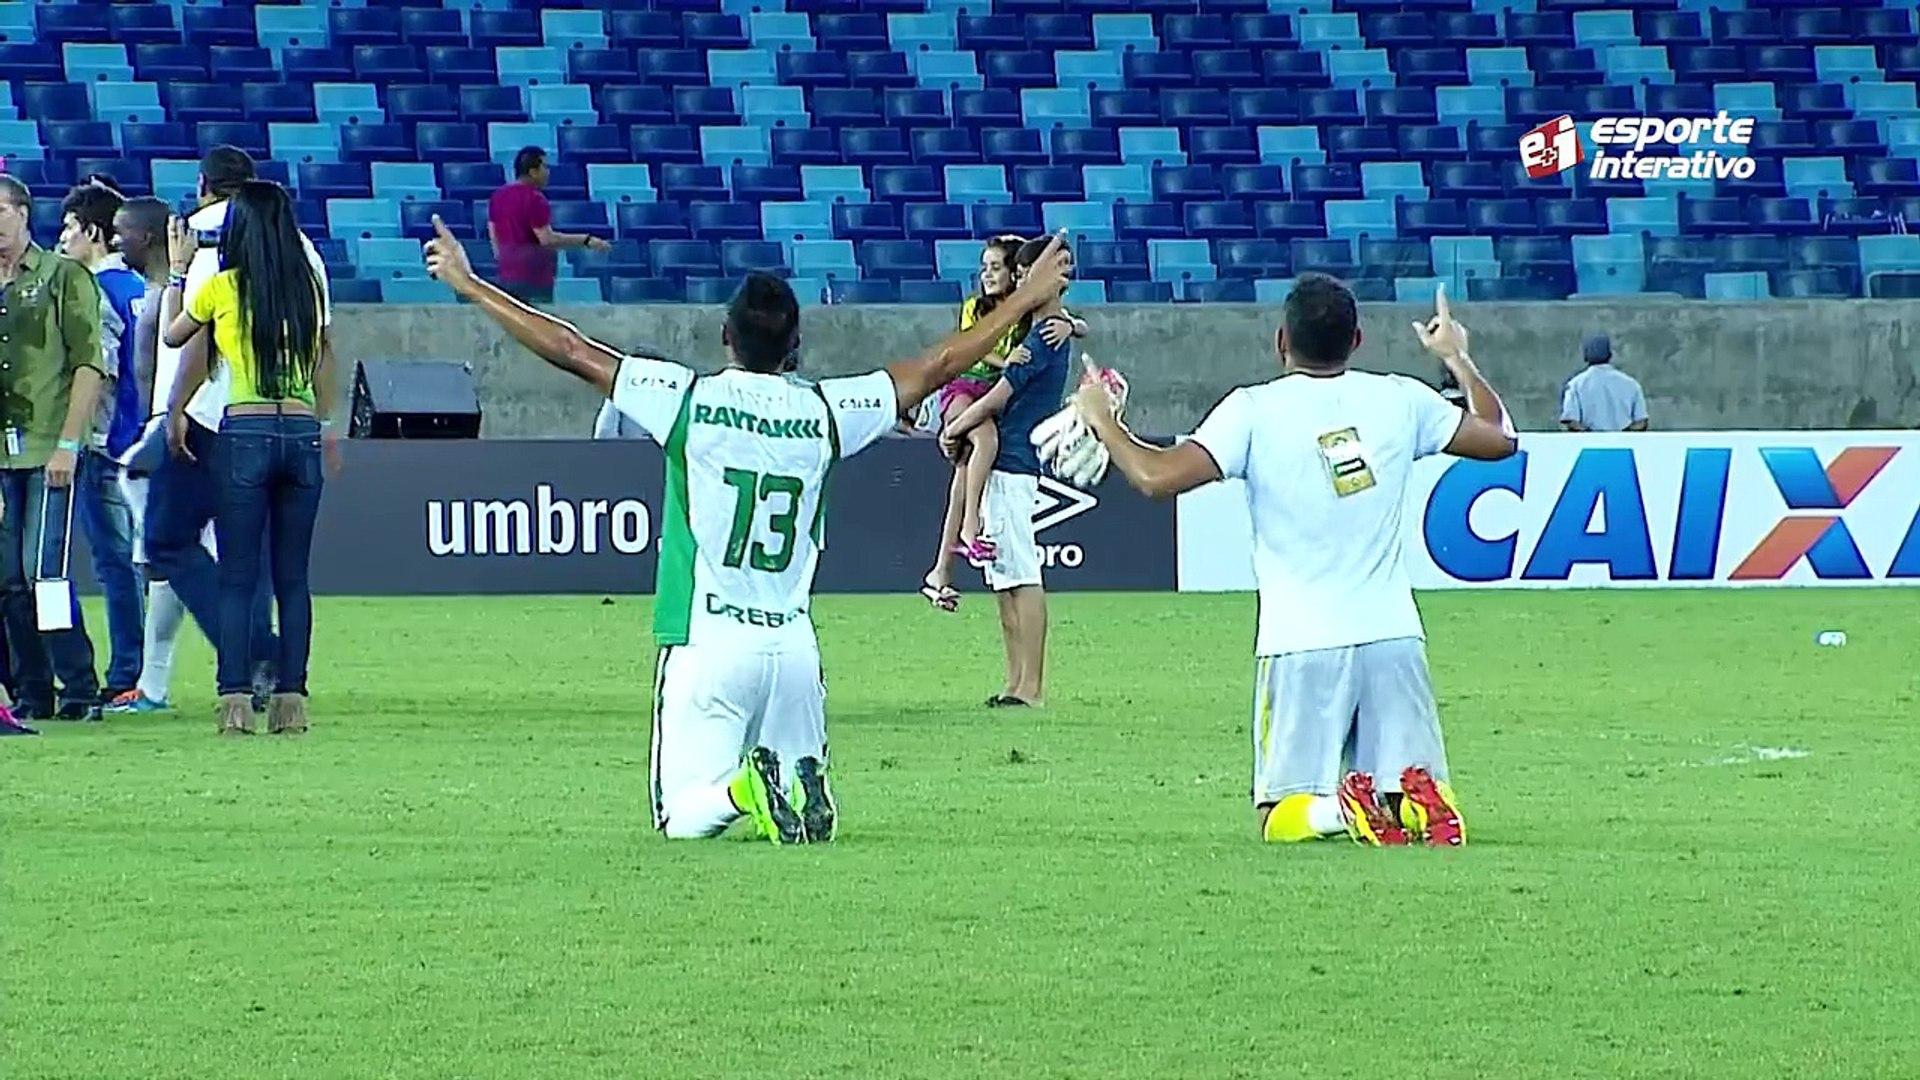 De joelhos, jogadores do Cuiabá pagam promessa pela conquista heroica da Copa Verde!